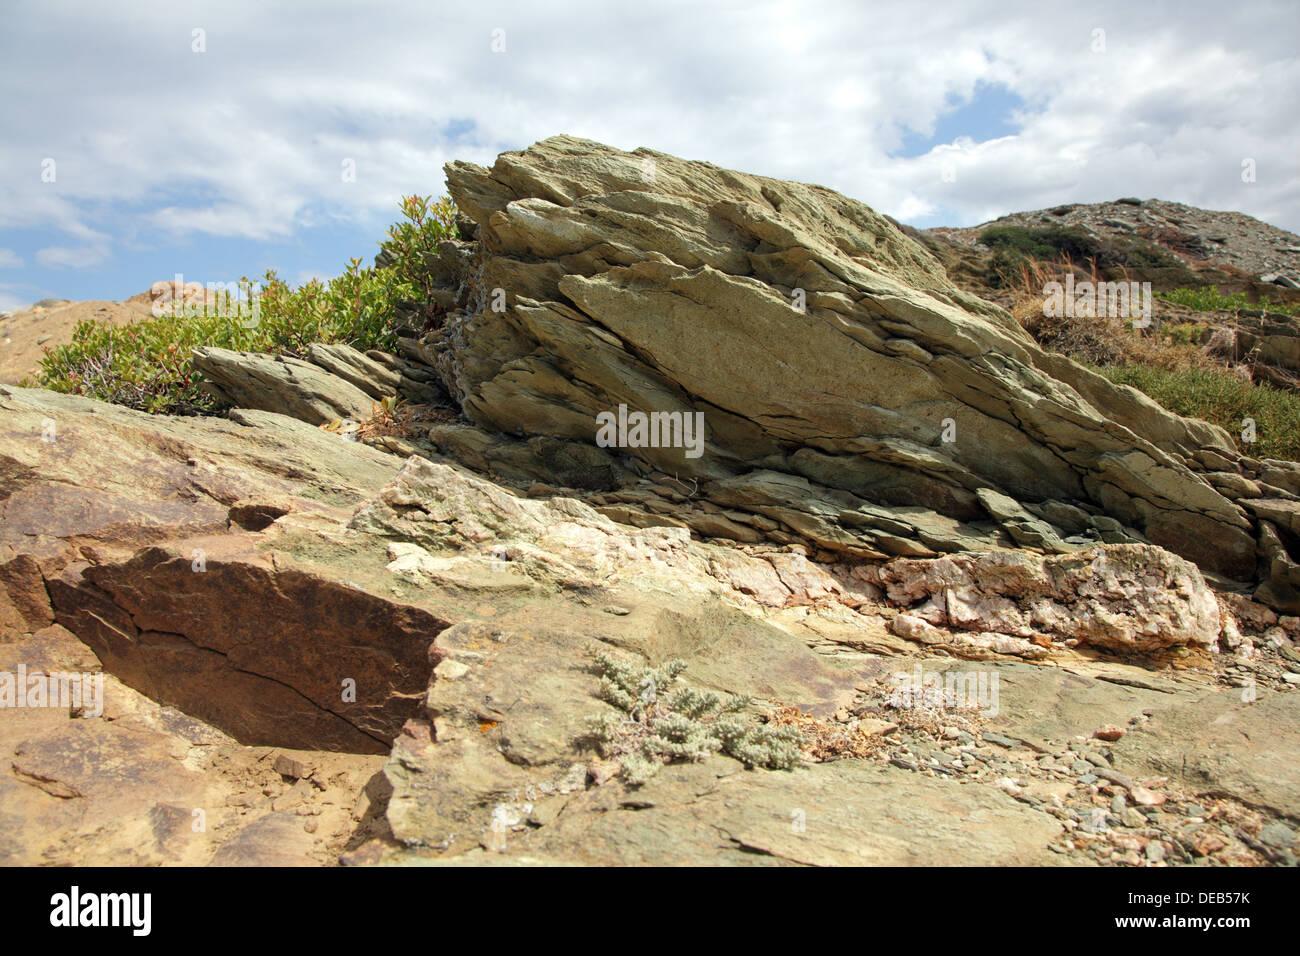 Las rocas cerca de la isla de Creta, Grecia Imagen De Stock